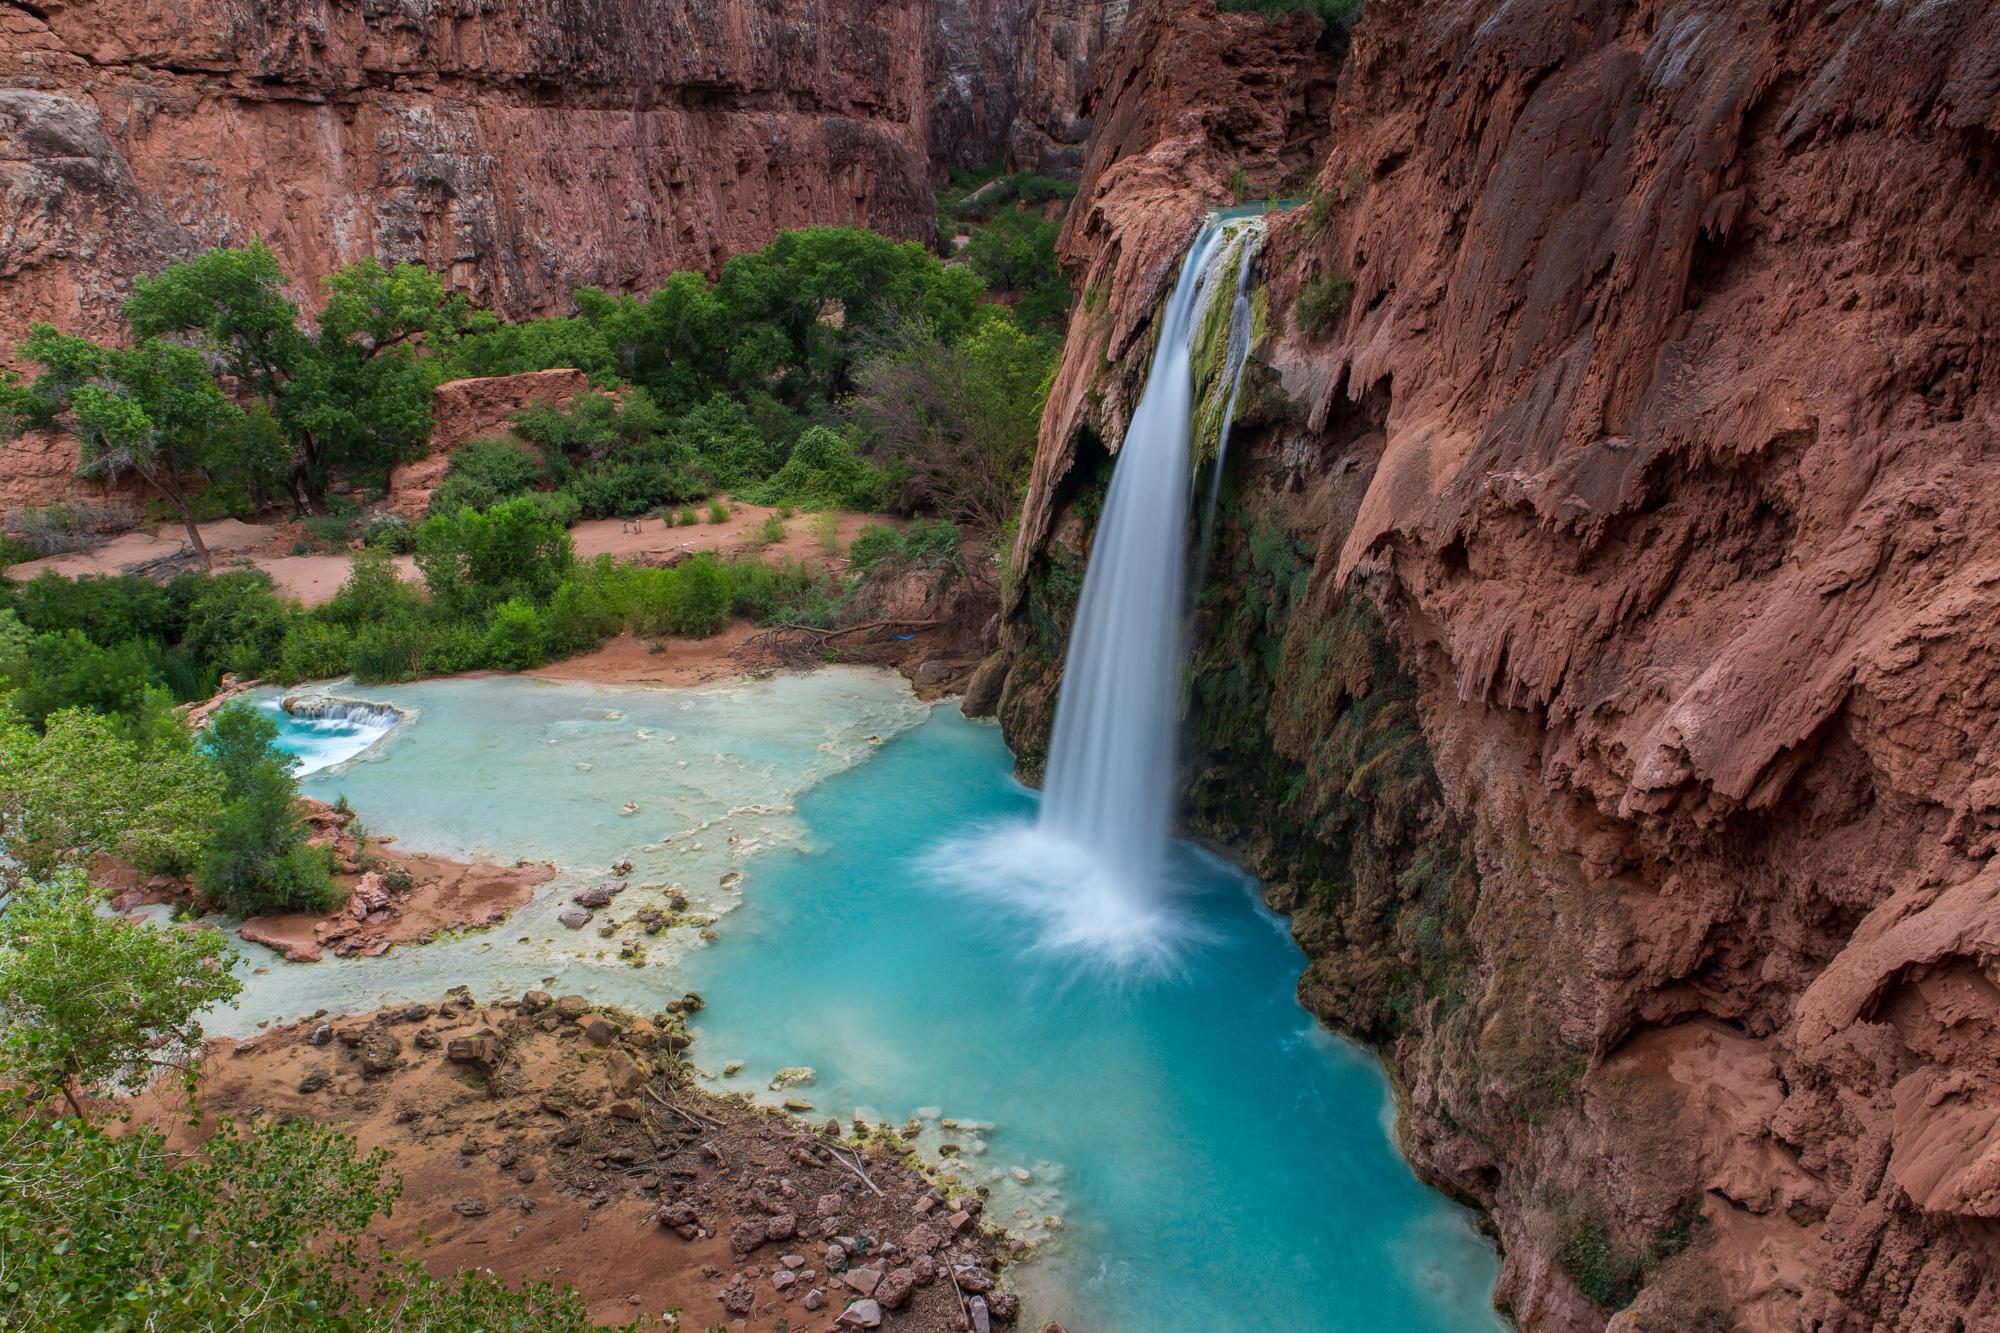 Havasu Falls at Grand Canyon National Park in Arizona. Credit: Jonathan Irish